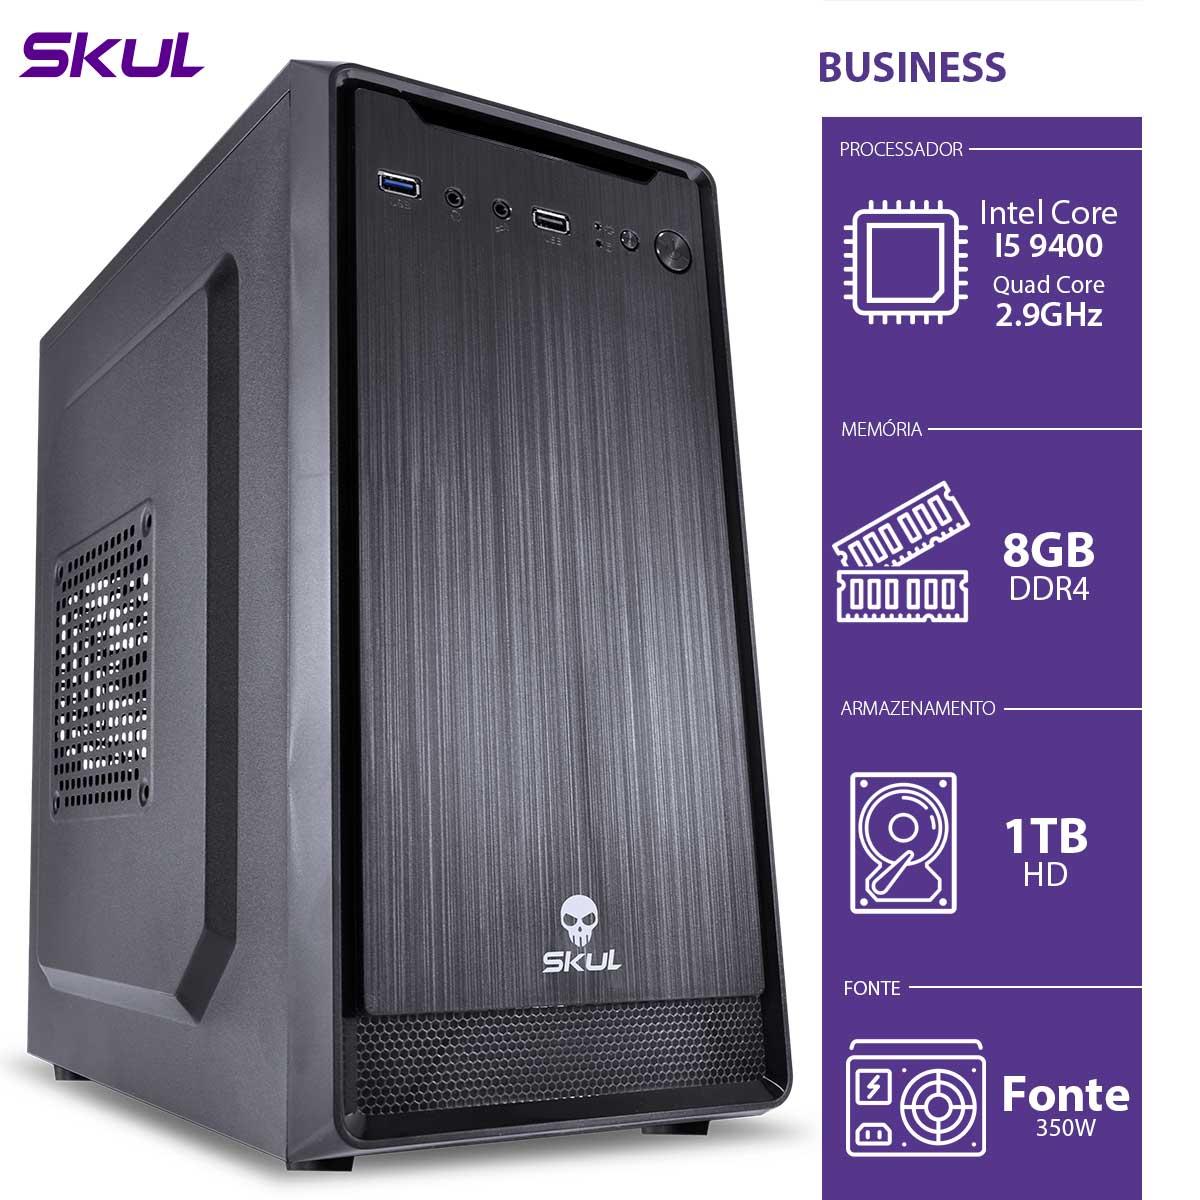 Computador Business B500 - I5-9400 2.9GHZ 8GB DDR4 HD 1TB HDMI/VGA Fonte 350W - B94001T8